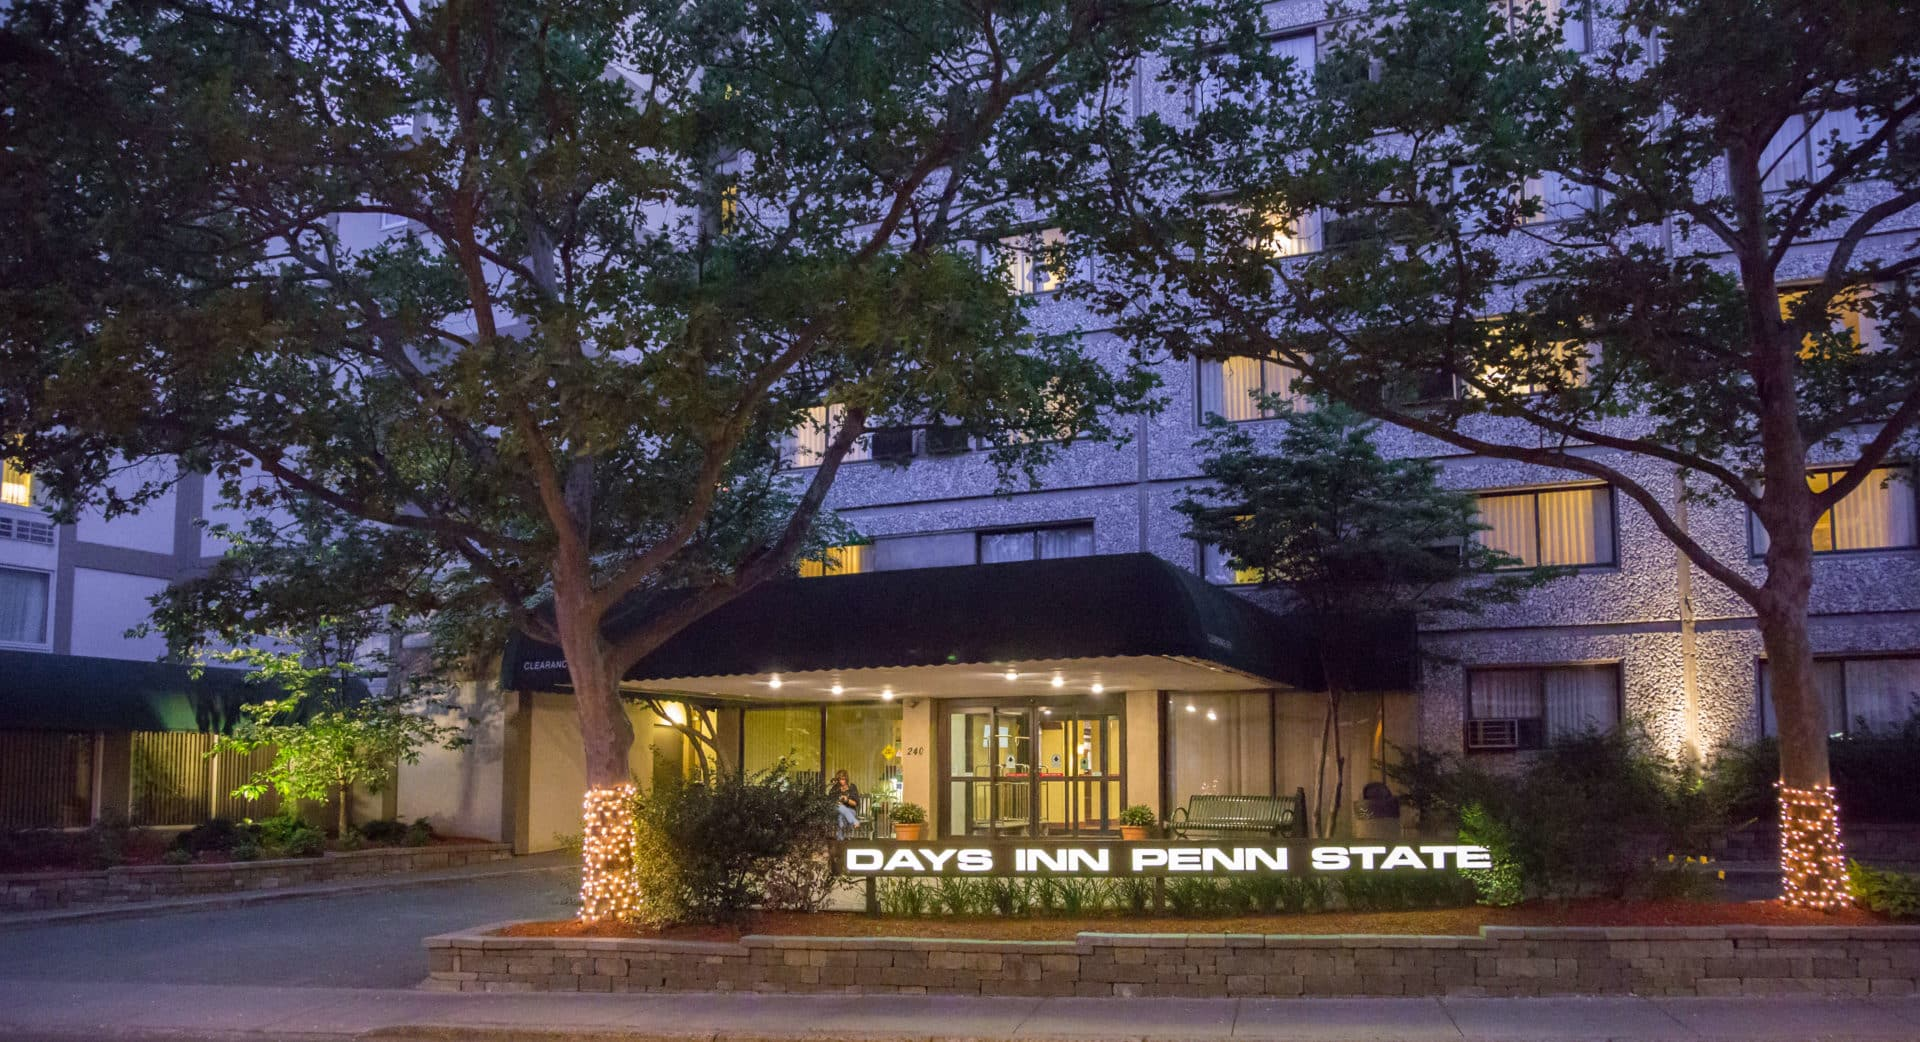 Days Inn Hotel Penn State building front